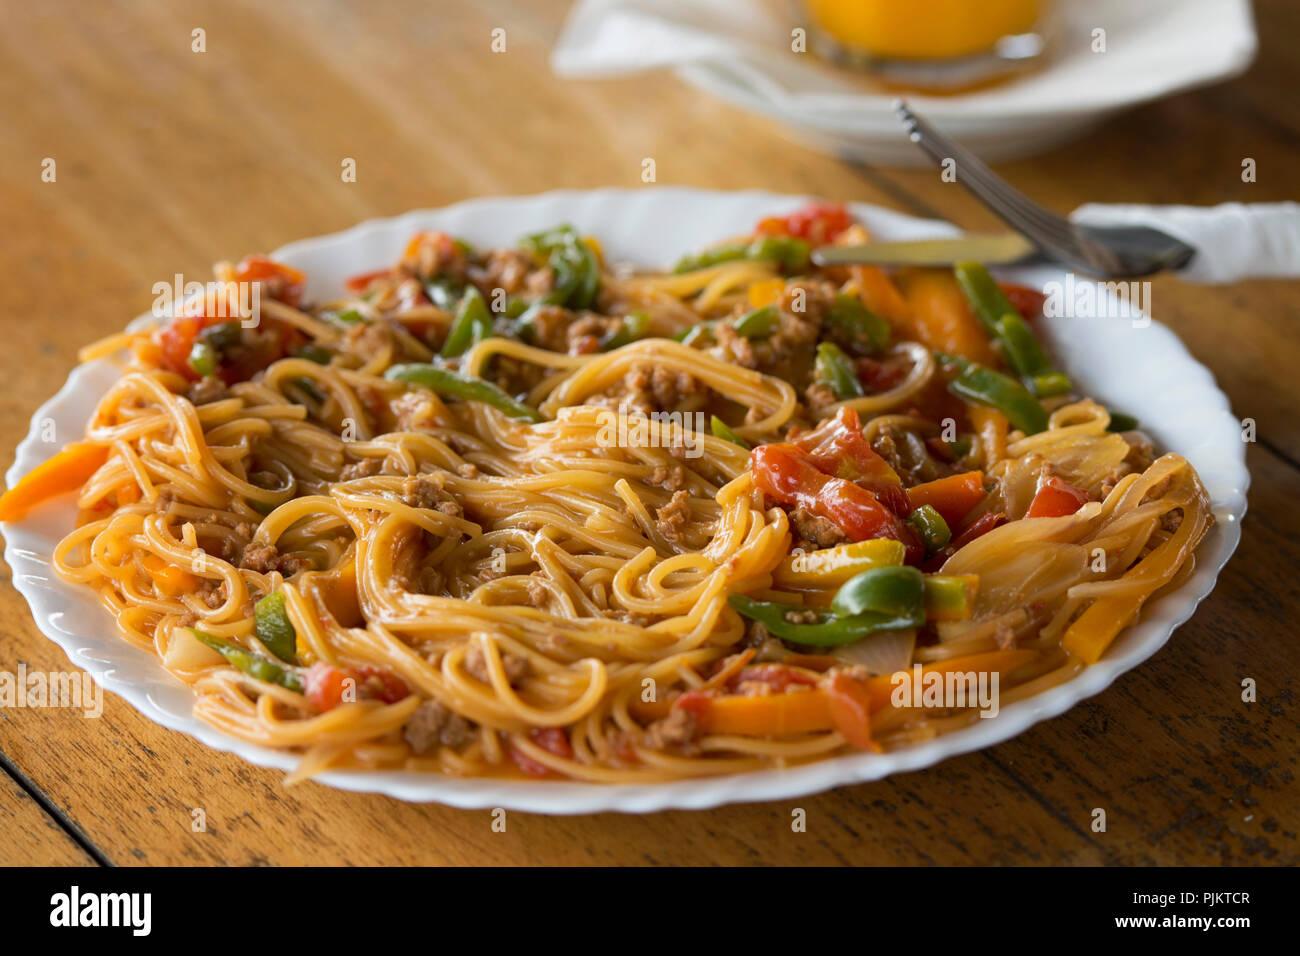 Spaghetti alla Bolognese, Pasta servita al ristorante al Lago Mburo National Park, Safari Ristoranti, Uganda, Africa orientale Immagini Stock